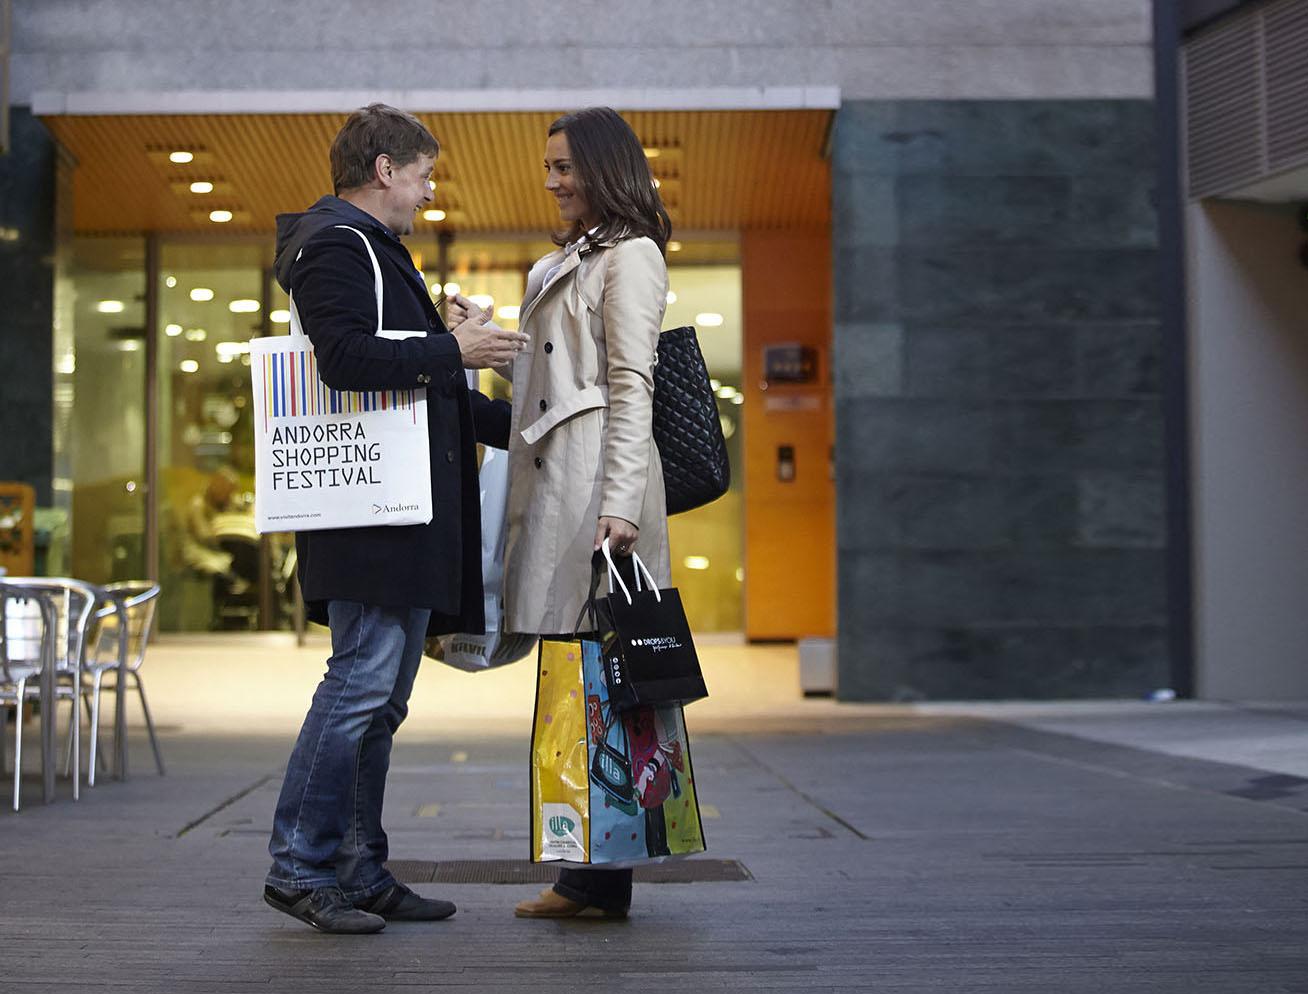 Compras em Andorra